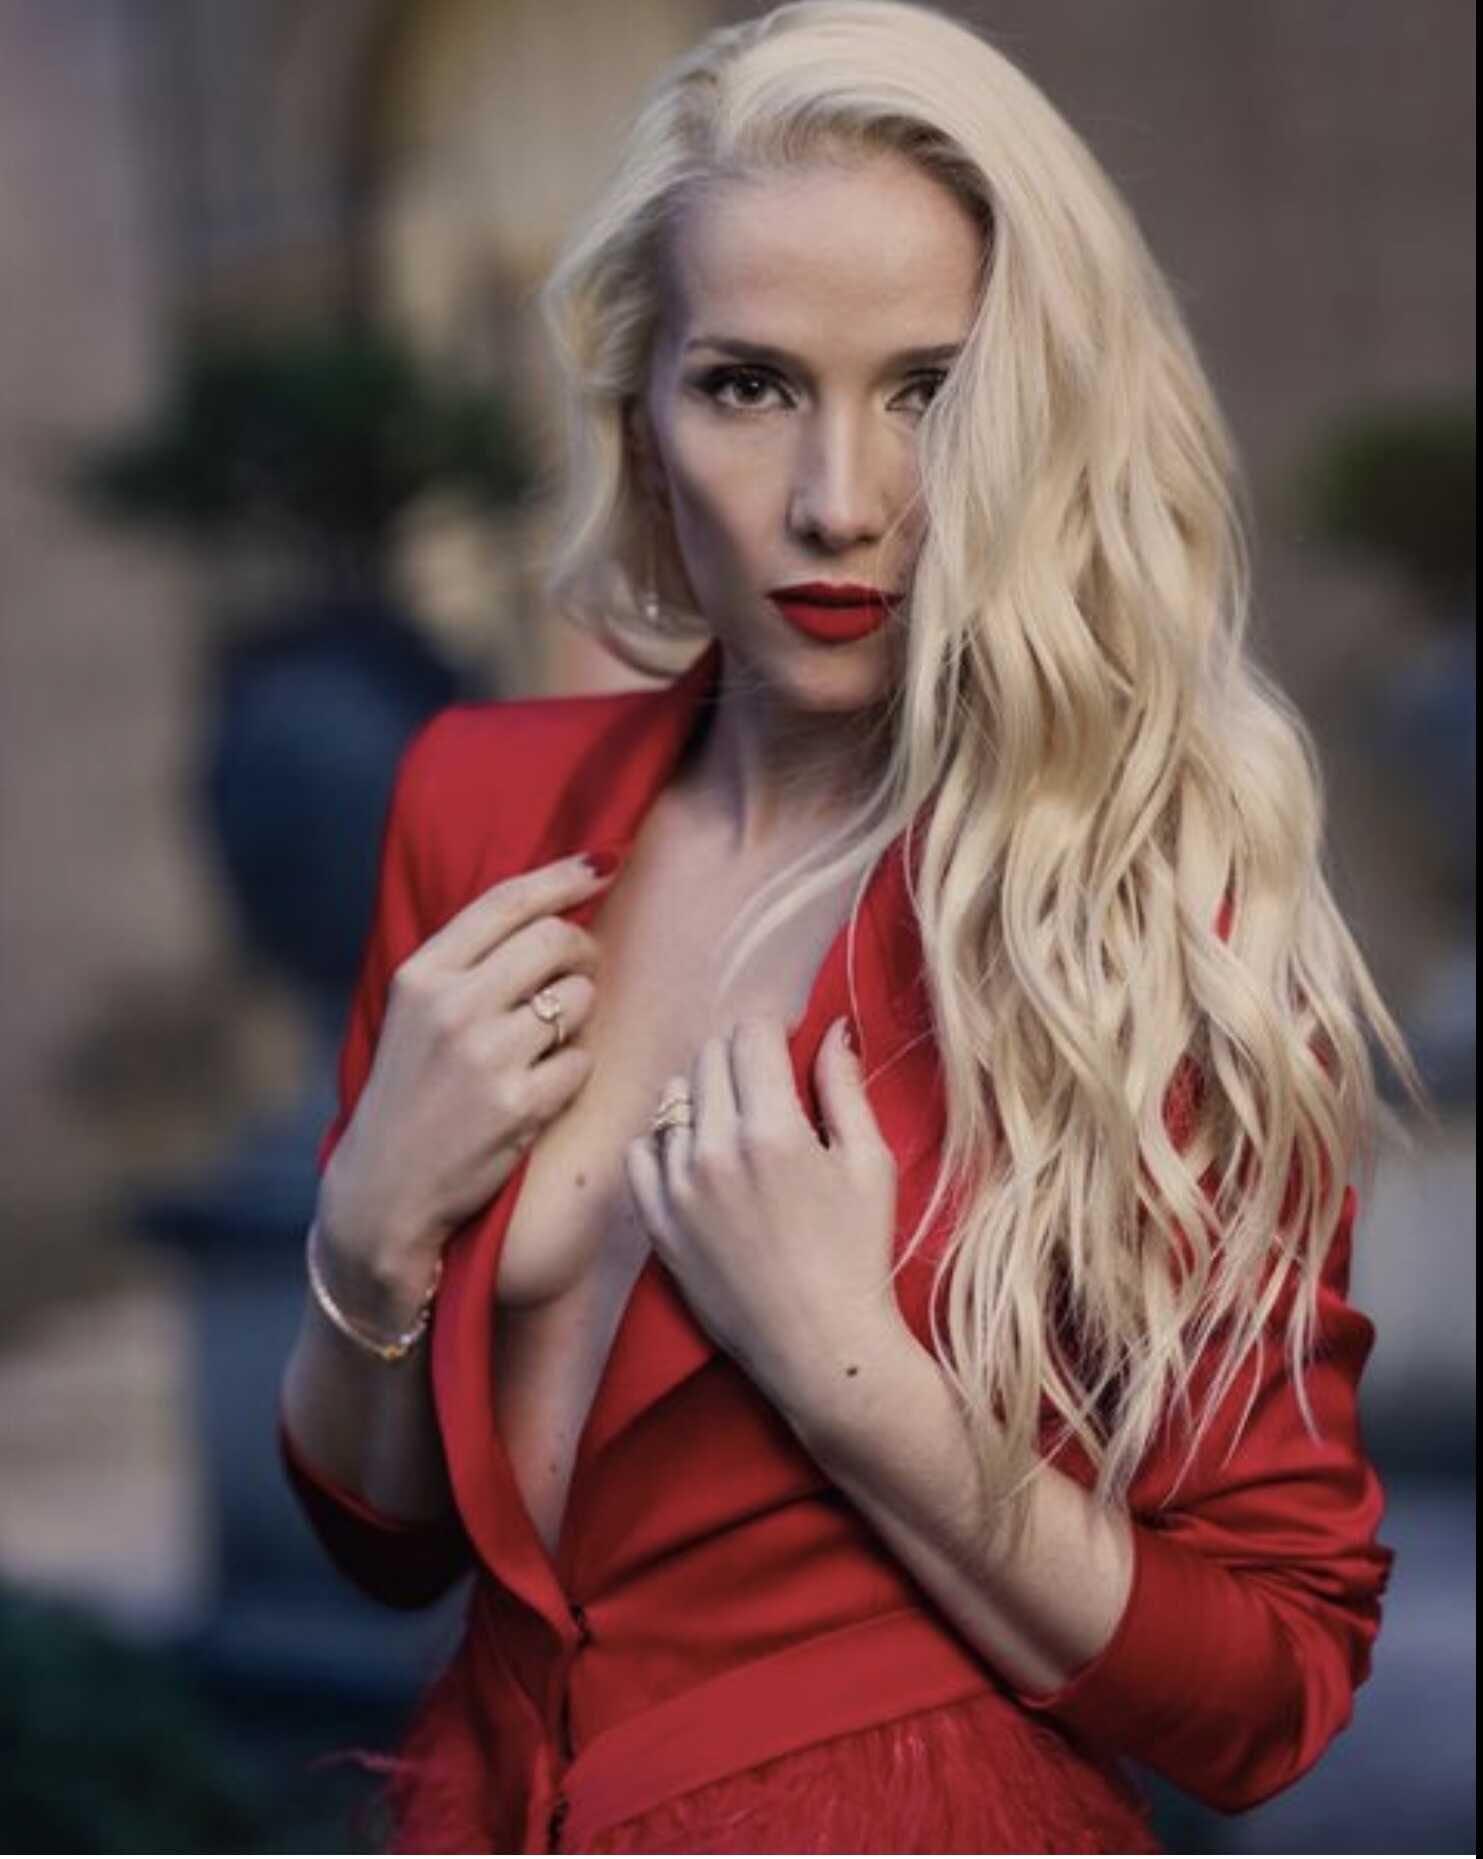 «Вот это поворот!»: Наталья Орейро, в пиджаке на голое тело, предстала с новым цветом волос